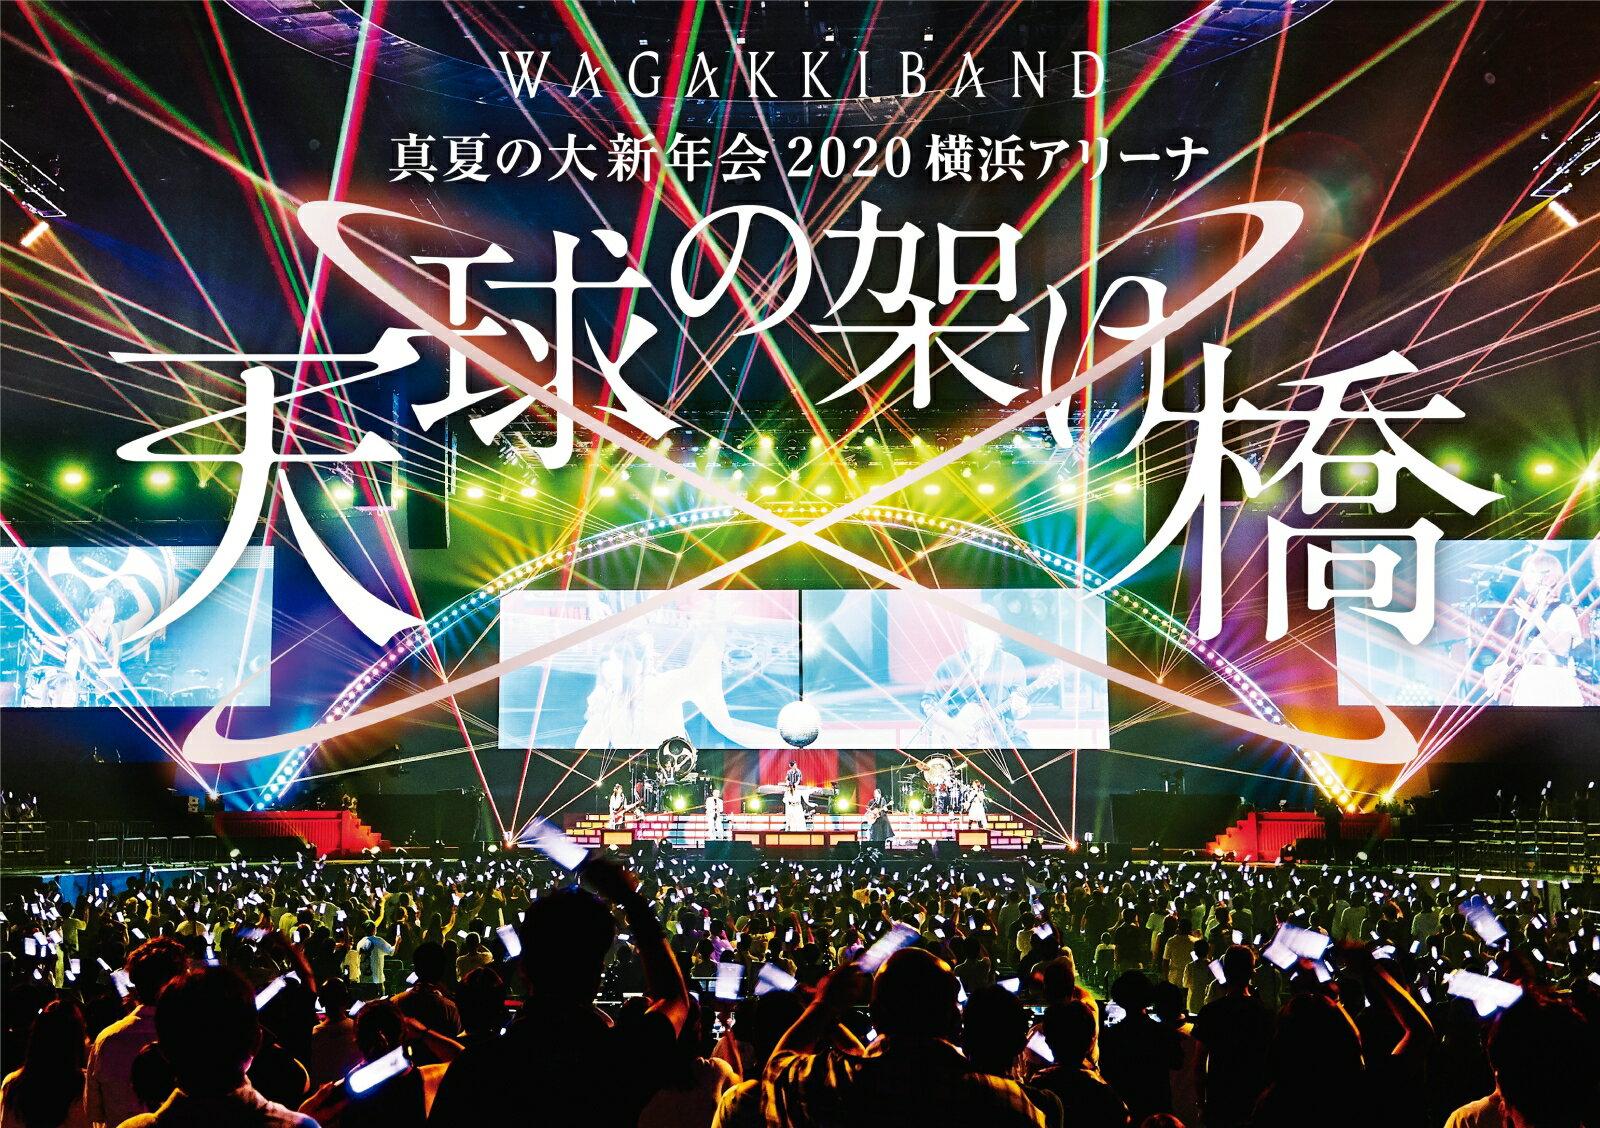 真夏の大新年会 2020 横浜アリーナ 〜天球の架け橋〜(通常盤)【Blu-ray】